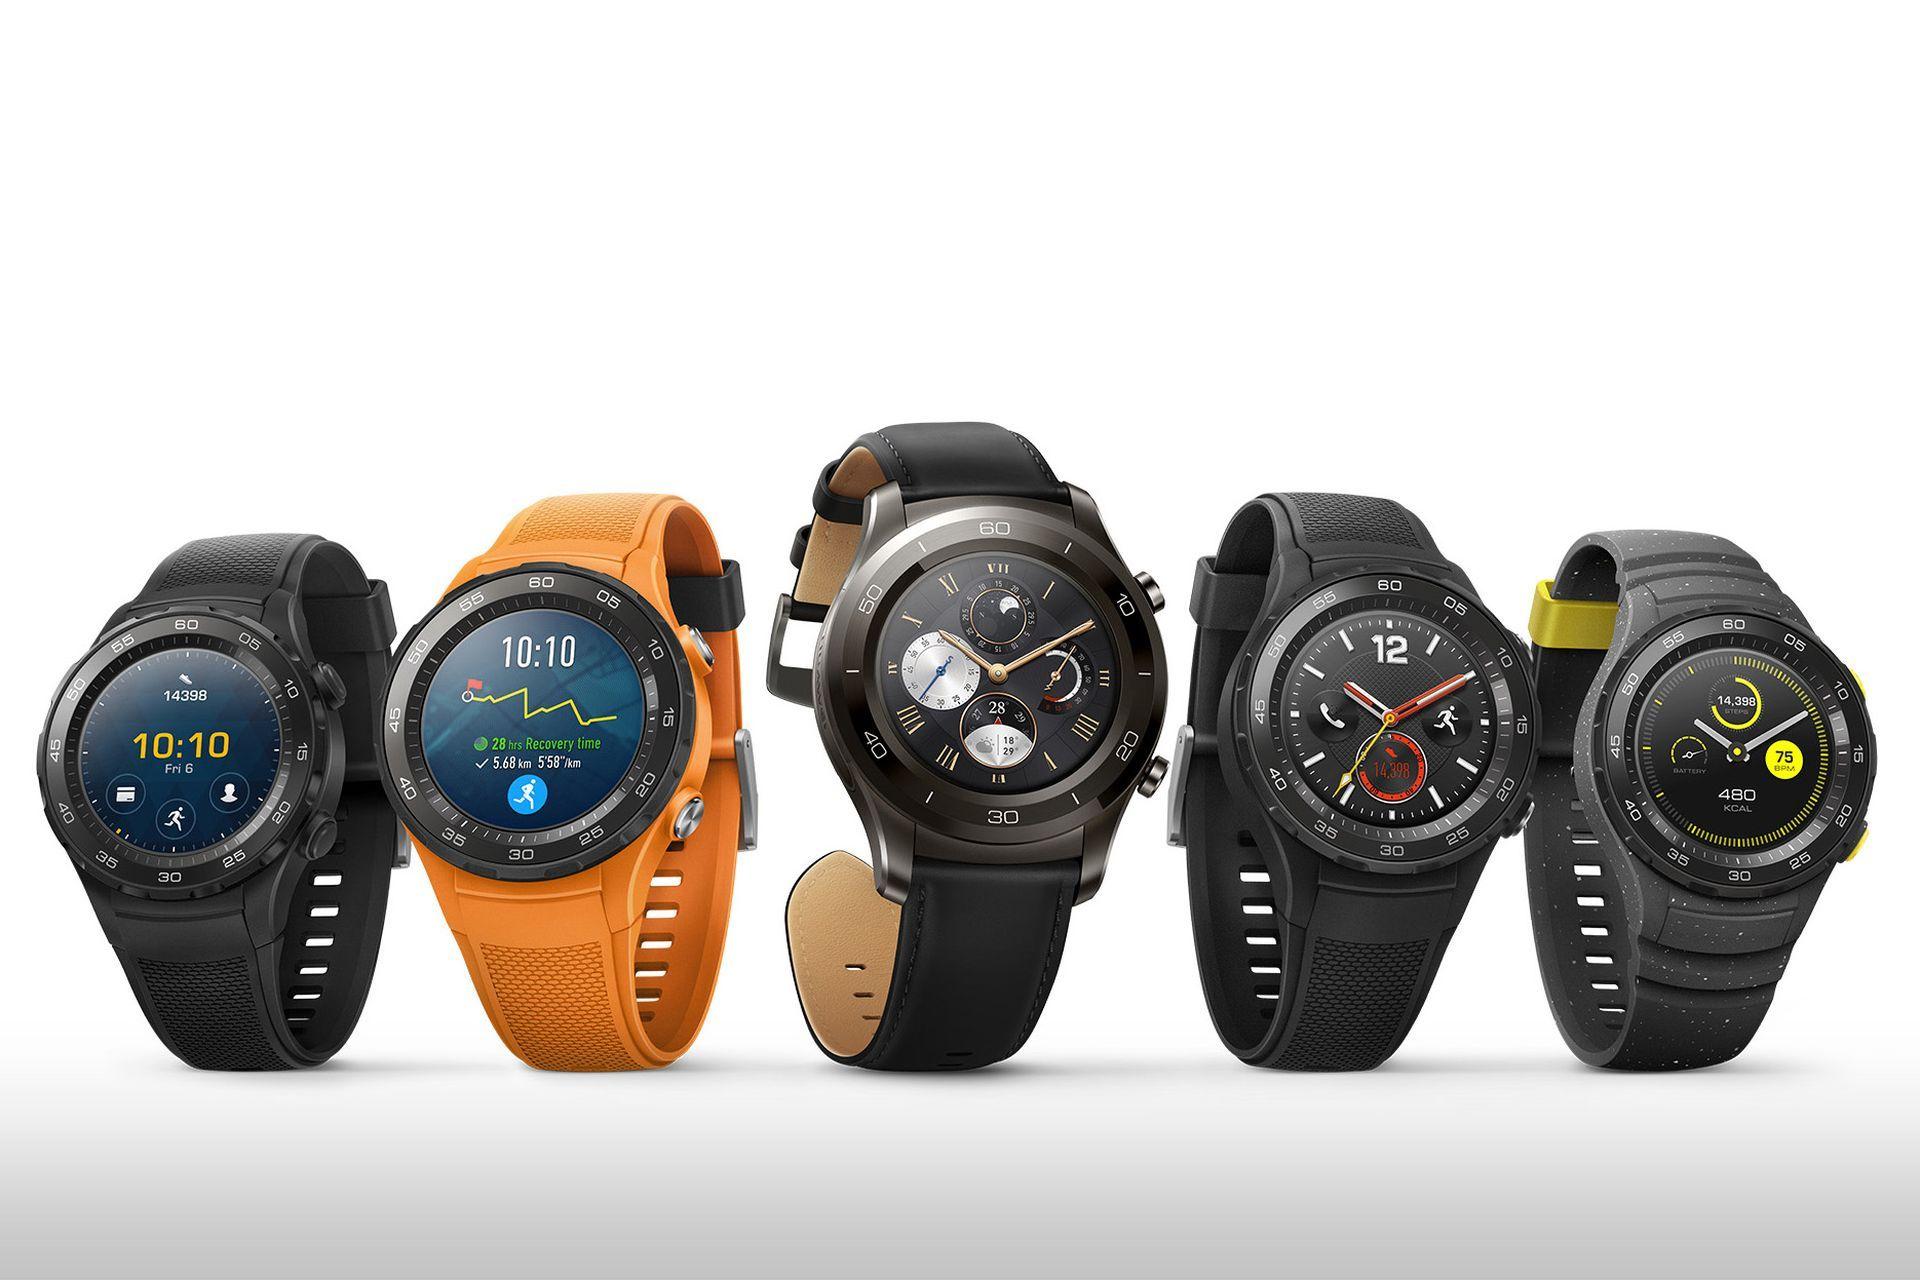 Huawei bất ngờ vượt Samsung, trở thành hãng smartwatch đứng thứ 2 thế giới